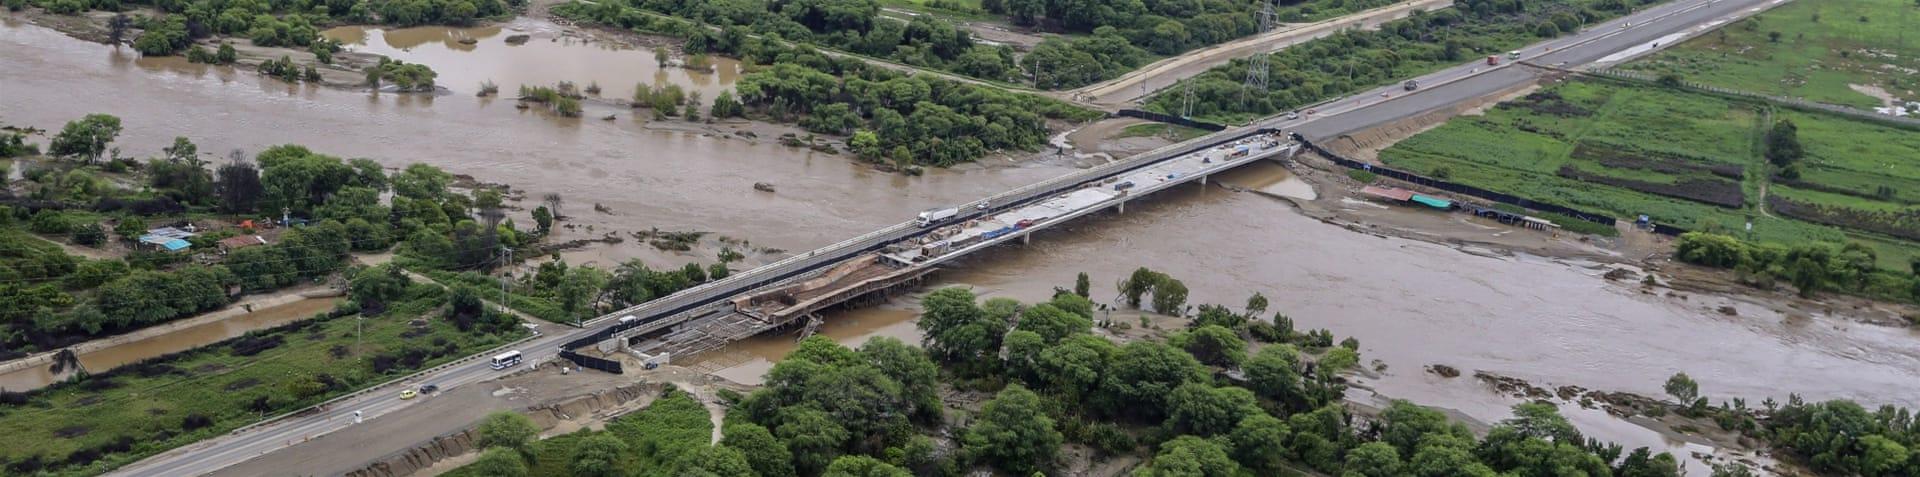 Deadly floods continue to devastate Peru | Peru News | Al ...